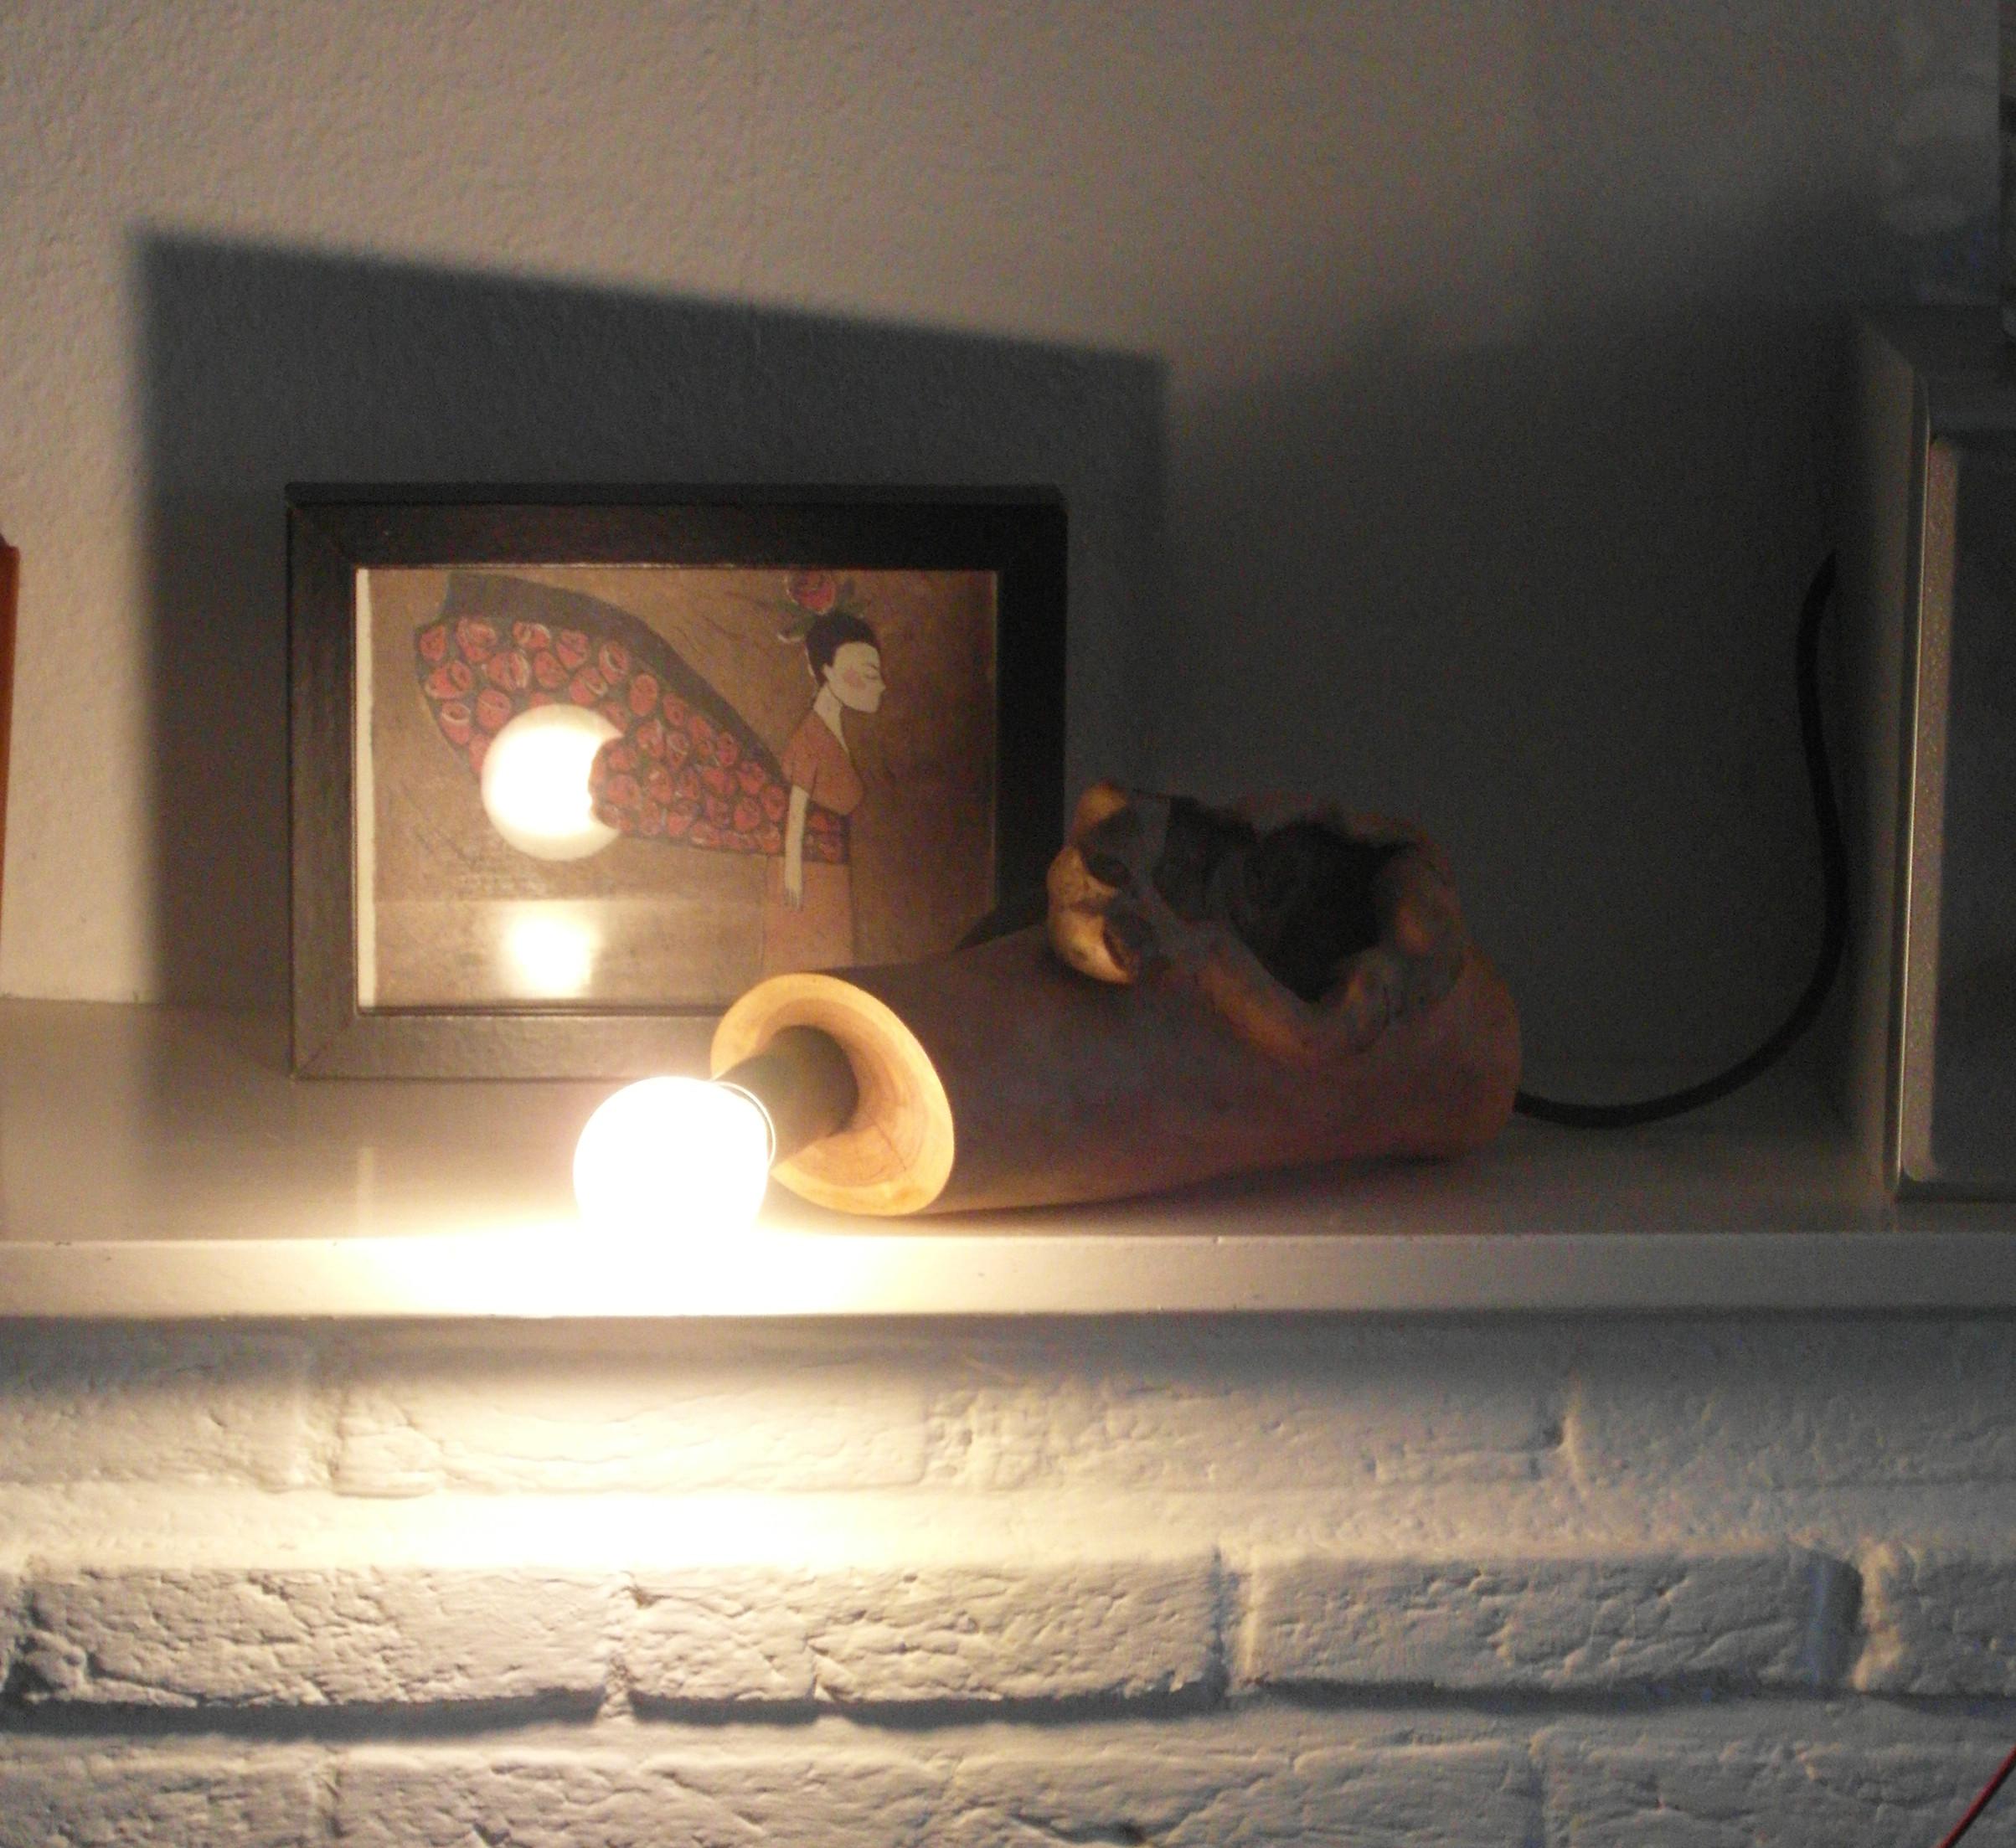 De lamp kan, naast dat je hem staand kunt neerzetten, ook in een liggende positie worden gelegd.